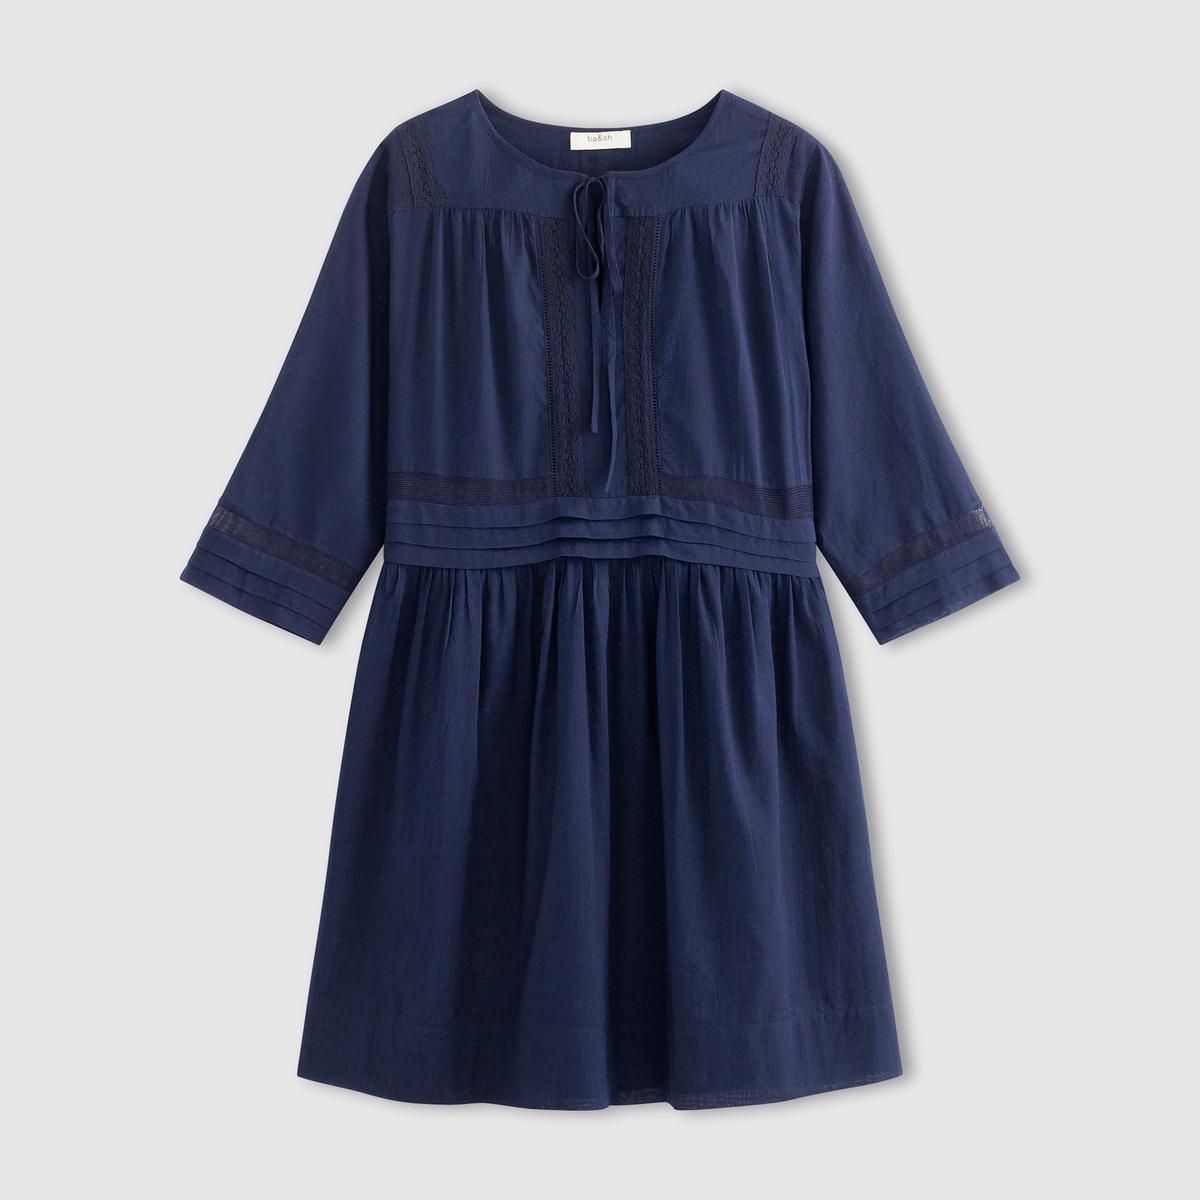 Платье COLETTEСостав и описание    Материал : вуаль 100% хлопок   Подкладка 100% хлопок   Длина : 90 см. (для размера 38, посередине сзади)   Марка : BA&amp;SH<br><br>Цвет: синий<br>Размер: S.M